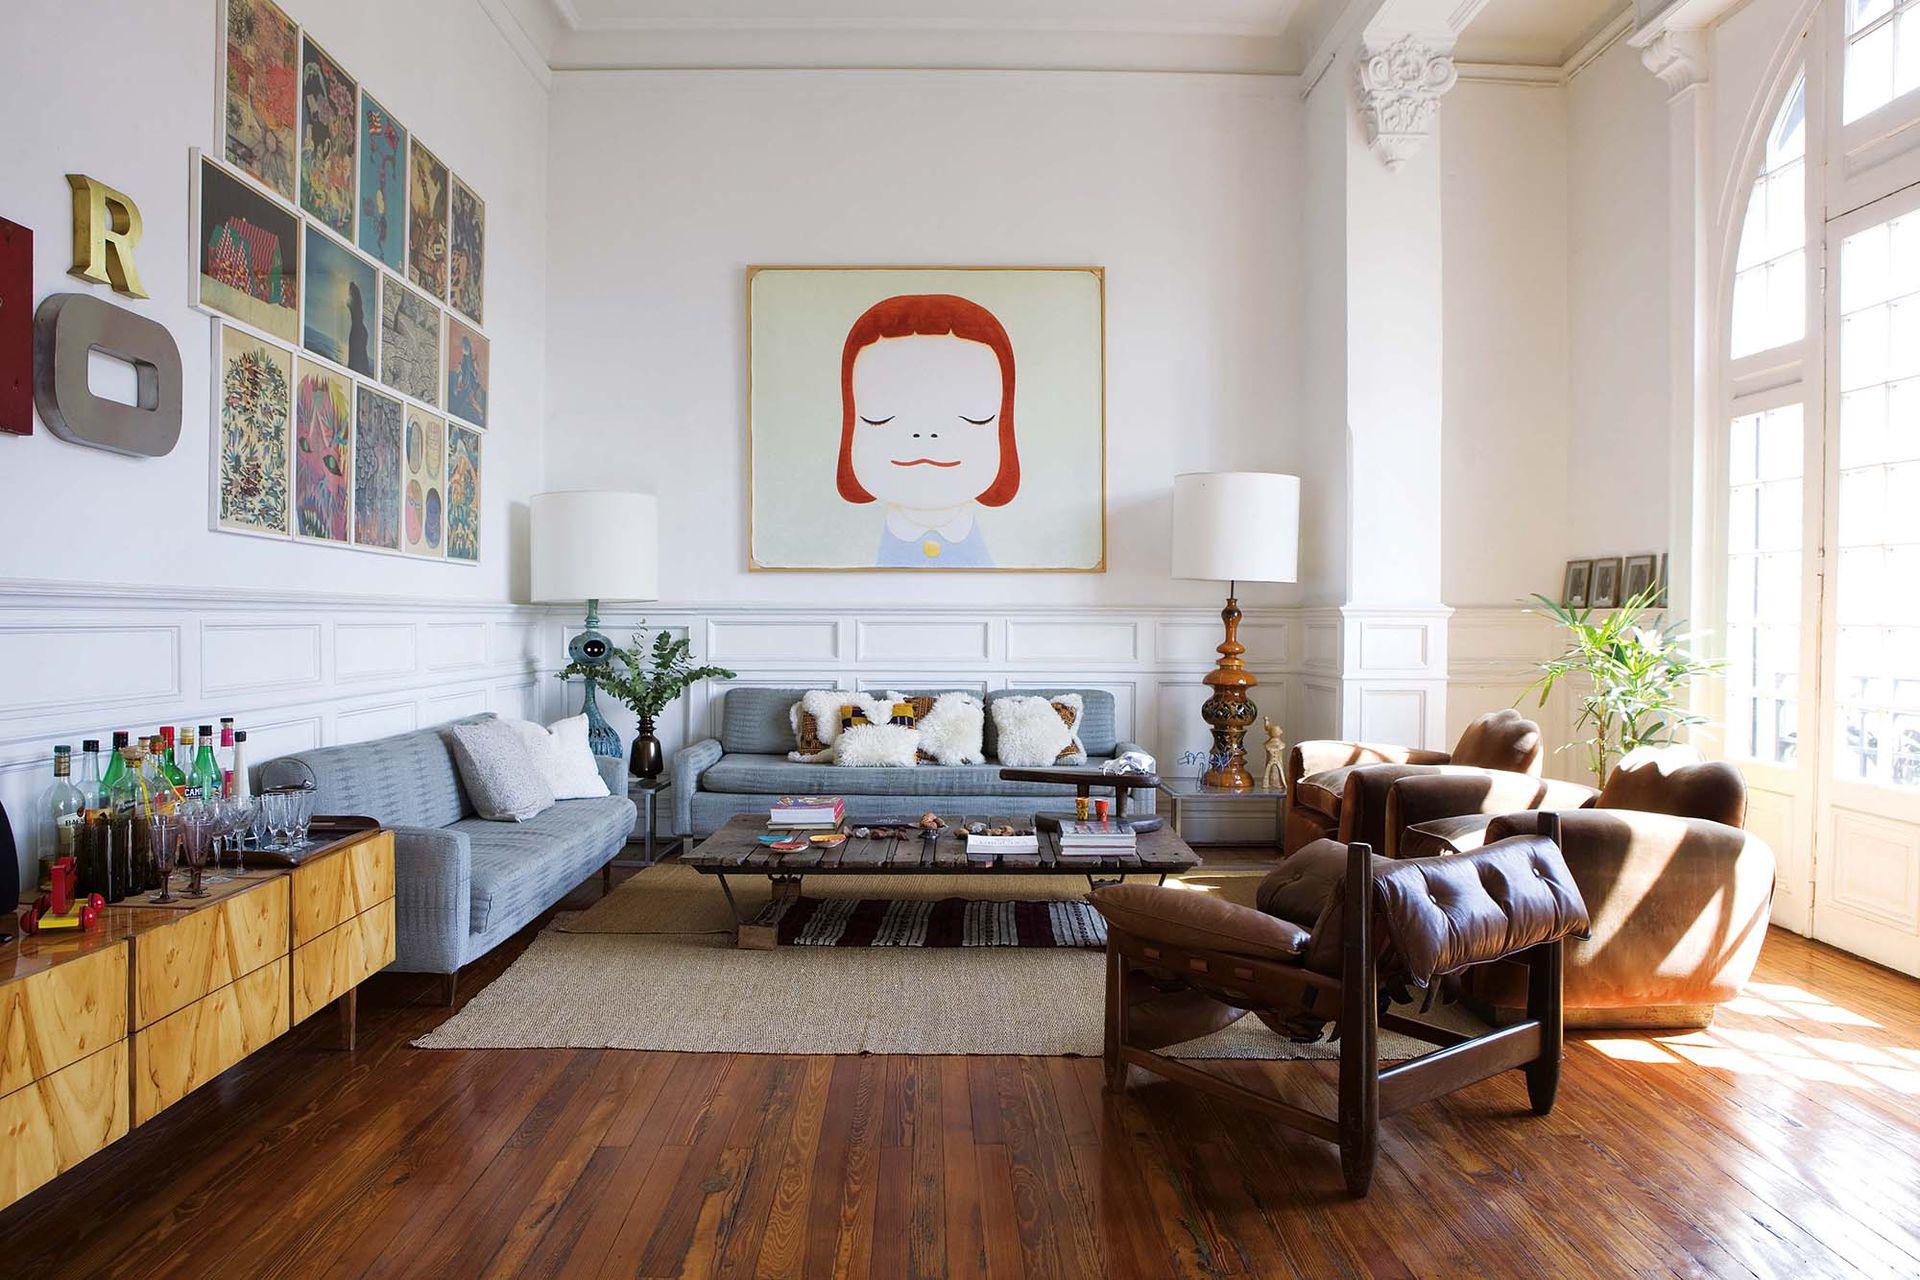 Con marcos idénticos y colgados juntos, los cuadros de diferentes artistas emergentes compradas en un museo de Brooklyn forman una gran obra.